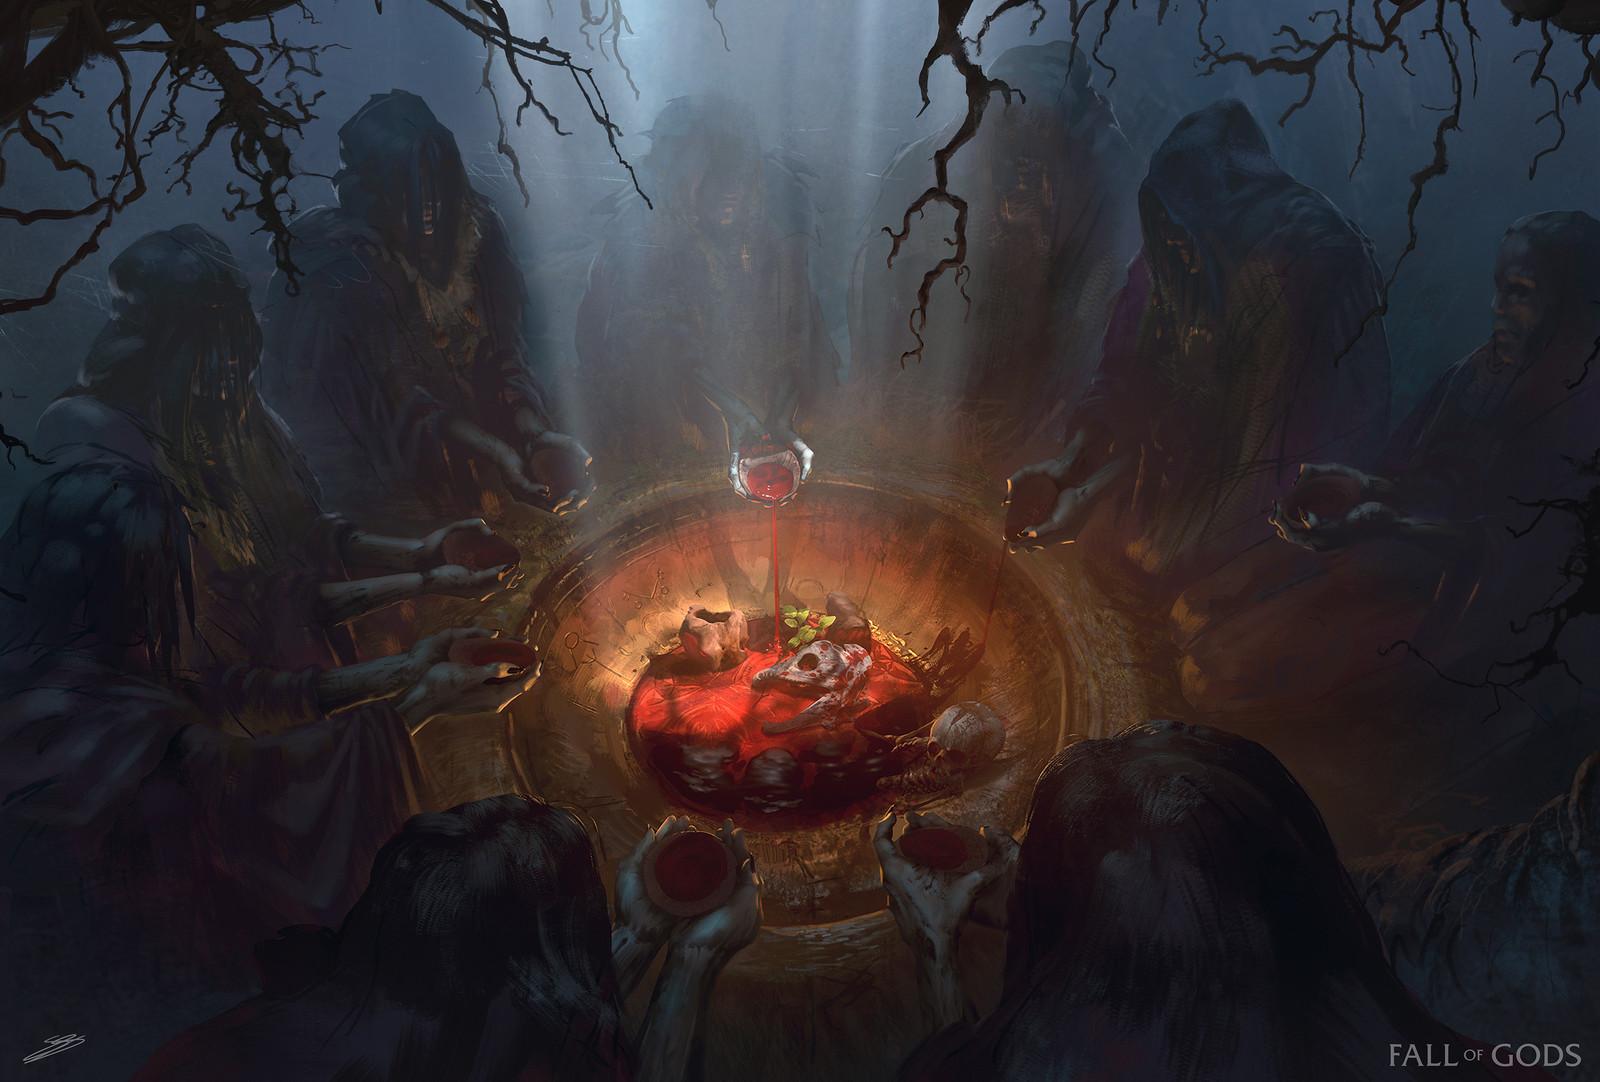 Fall of Gods - The Ritual